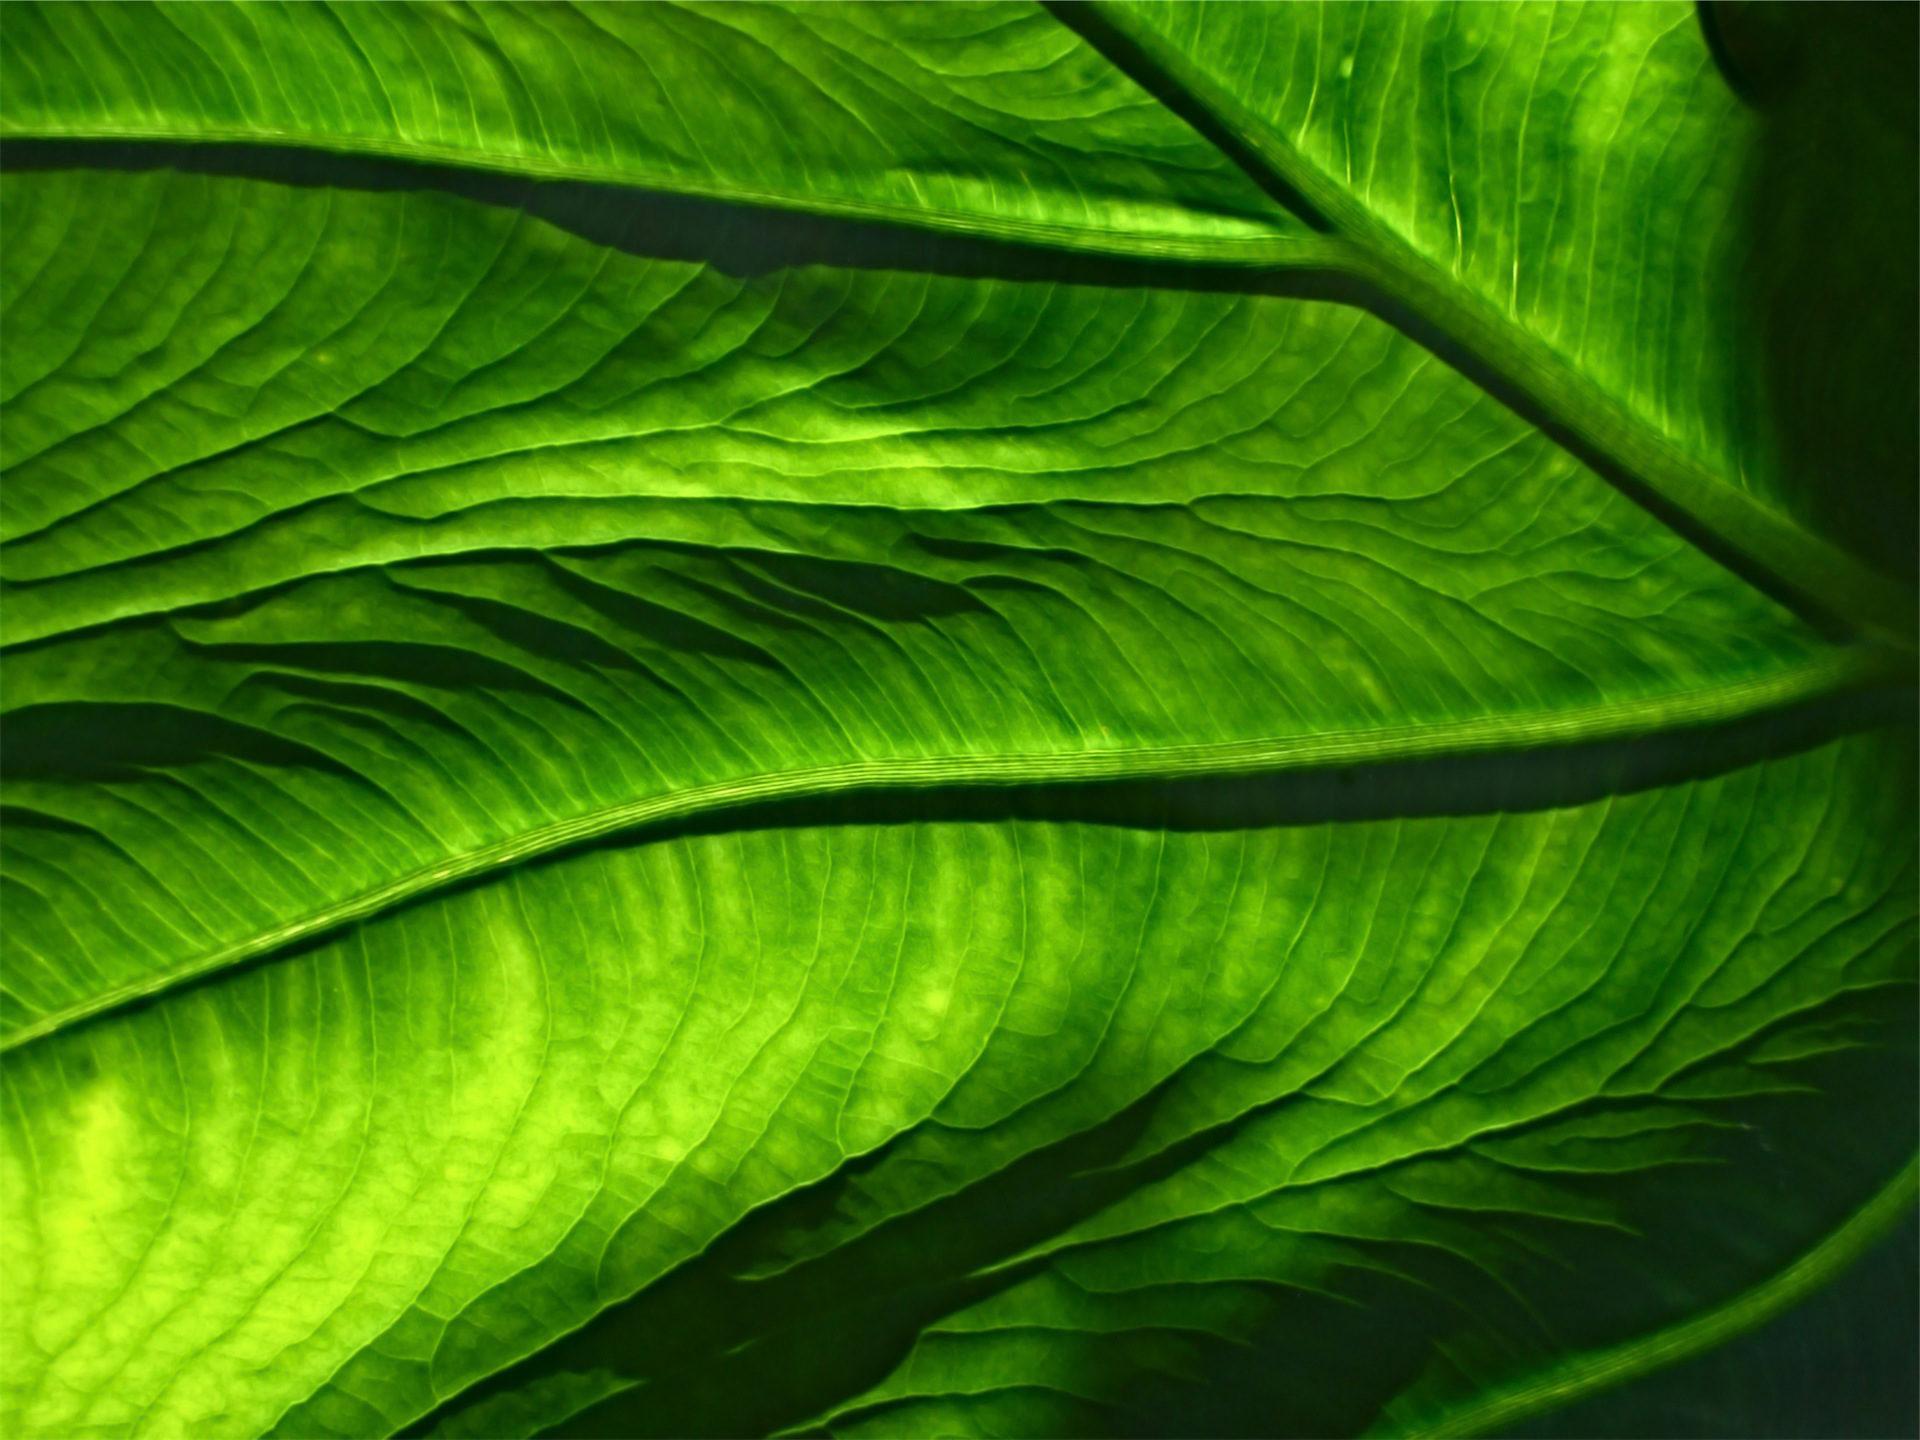 rez de chaussée, feuille, veines, Flore, Vert - Fonds d'écran HD - Professor-falken.com